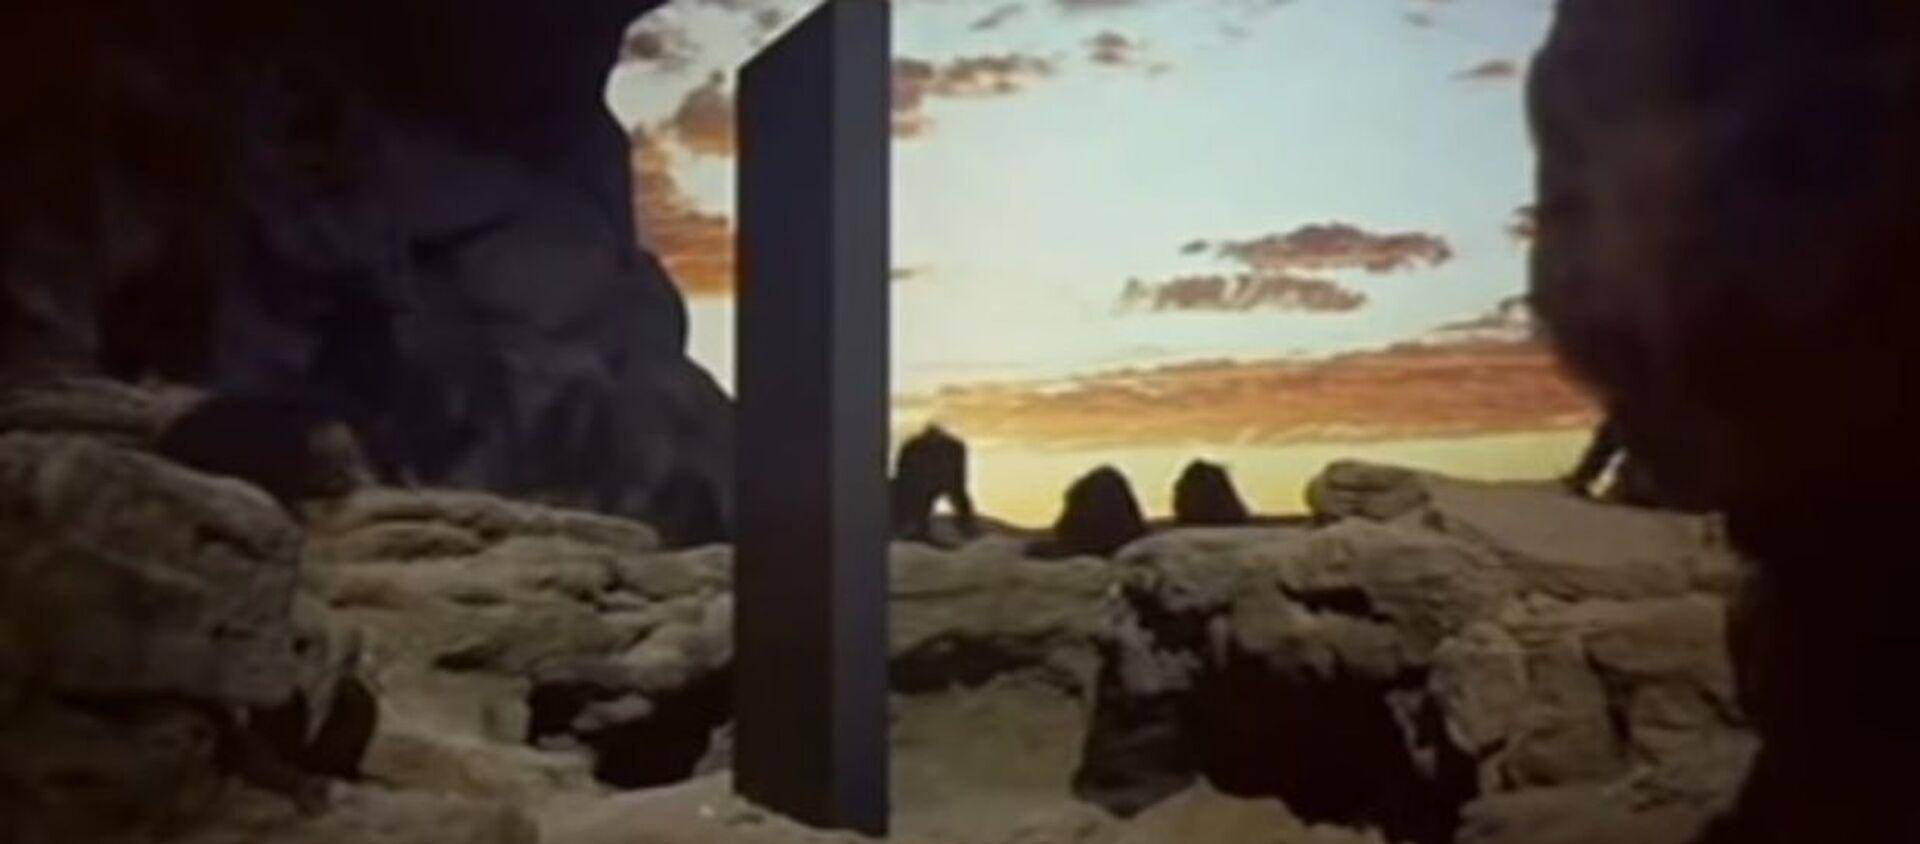 Scena iz filma Odiseja u svemiru 2001 Stenlija Kjubrika u kojoj se pojavljuje monolit - Sputnik Srbija, 1920, 23.11.2020